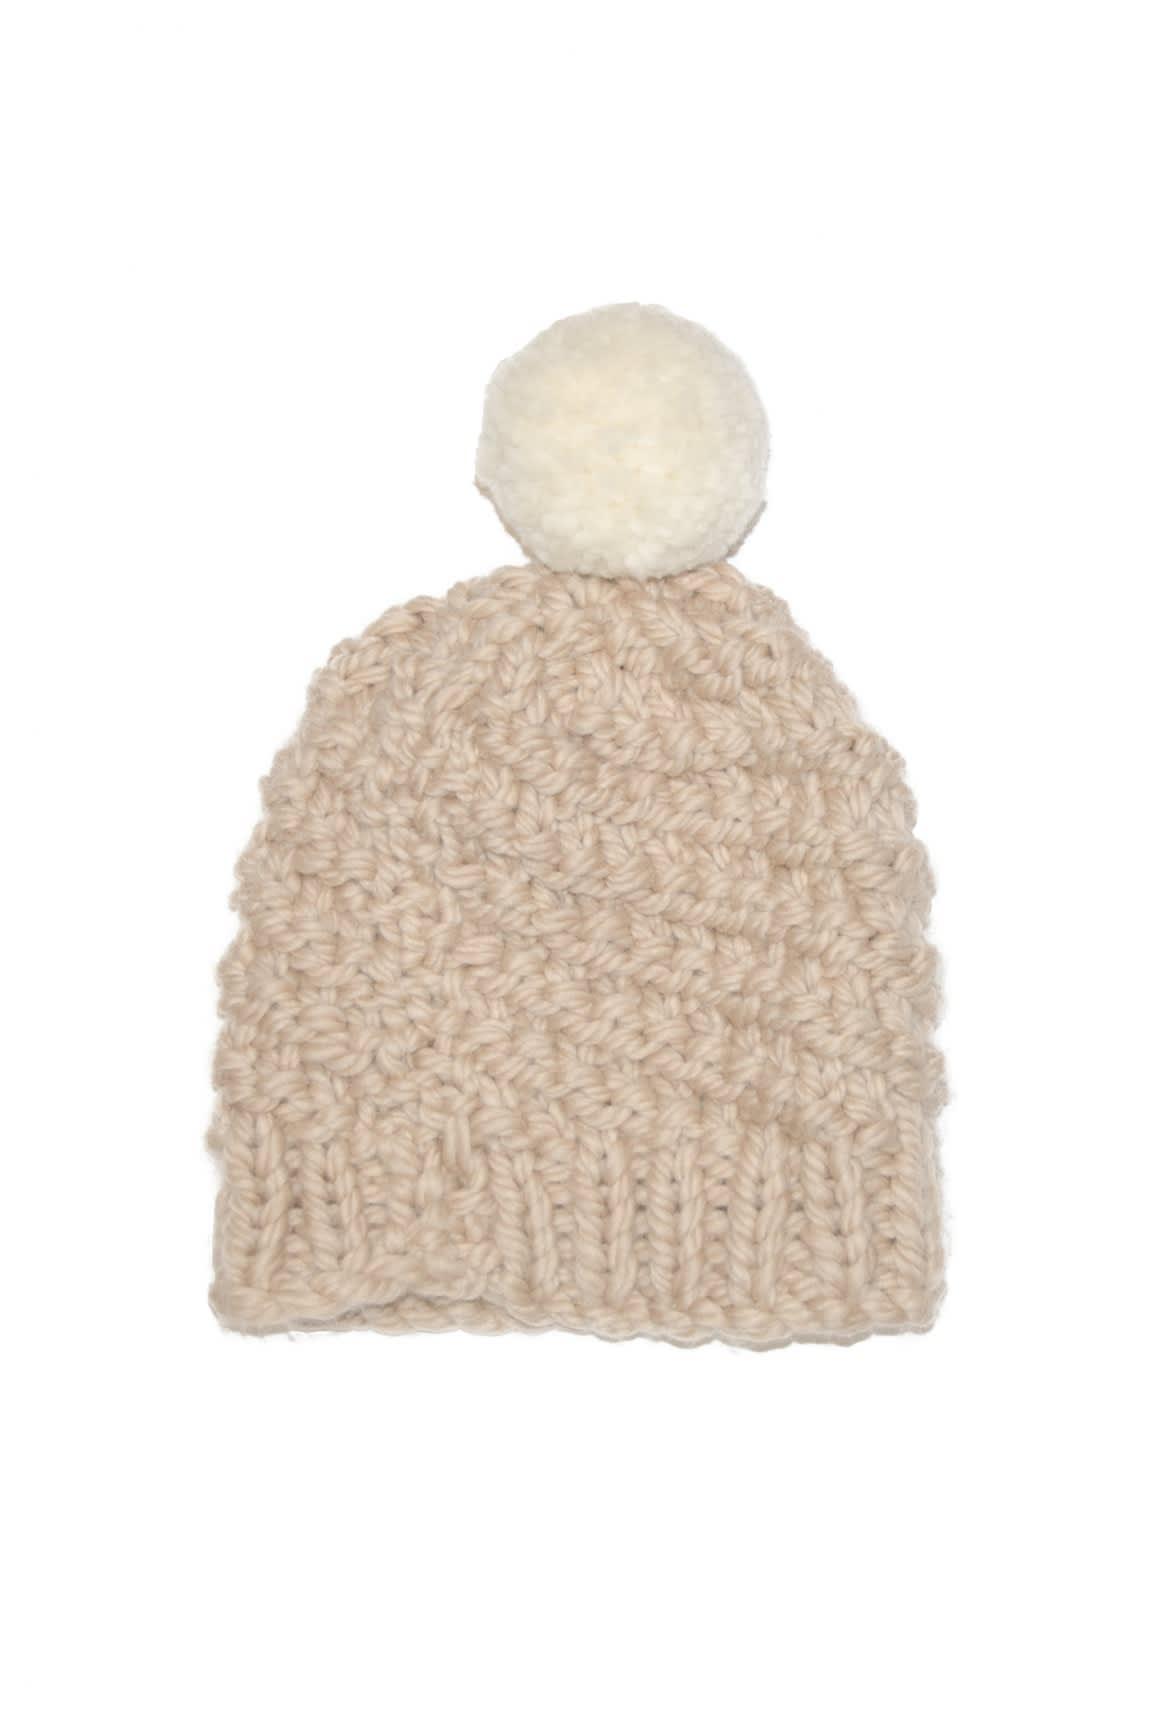 d4ad6e89d91 Les 100 Ciels Swan Bobble Hat Knit Kit - Rice